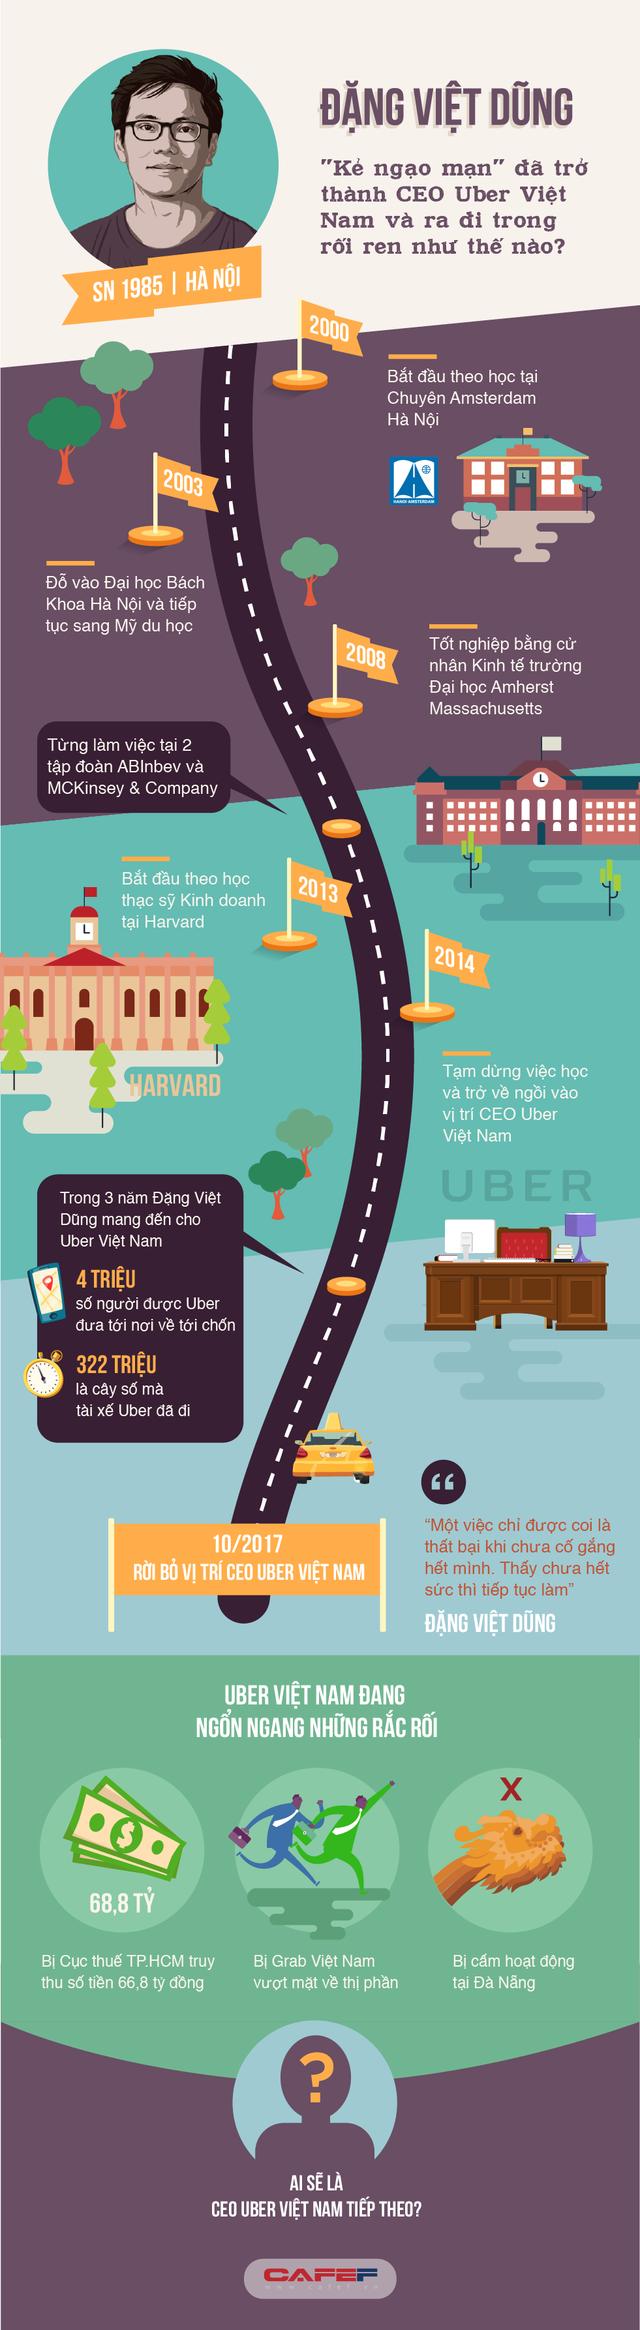 Đặng Việt Dũng: Kẻ ngạo mạn đã trở thành CEO Uber Việt Nam và ra đi trong rối ren như thế nào? - Ảnh 1.